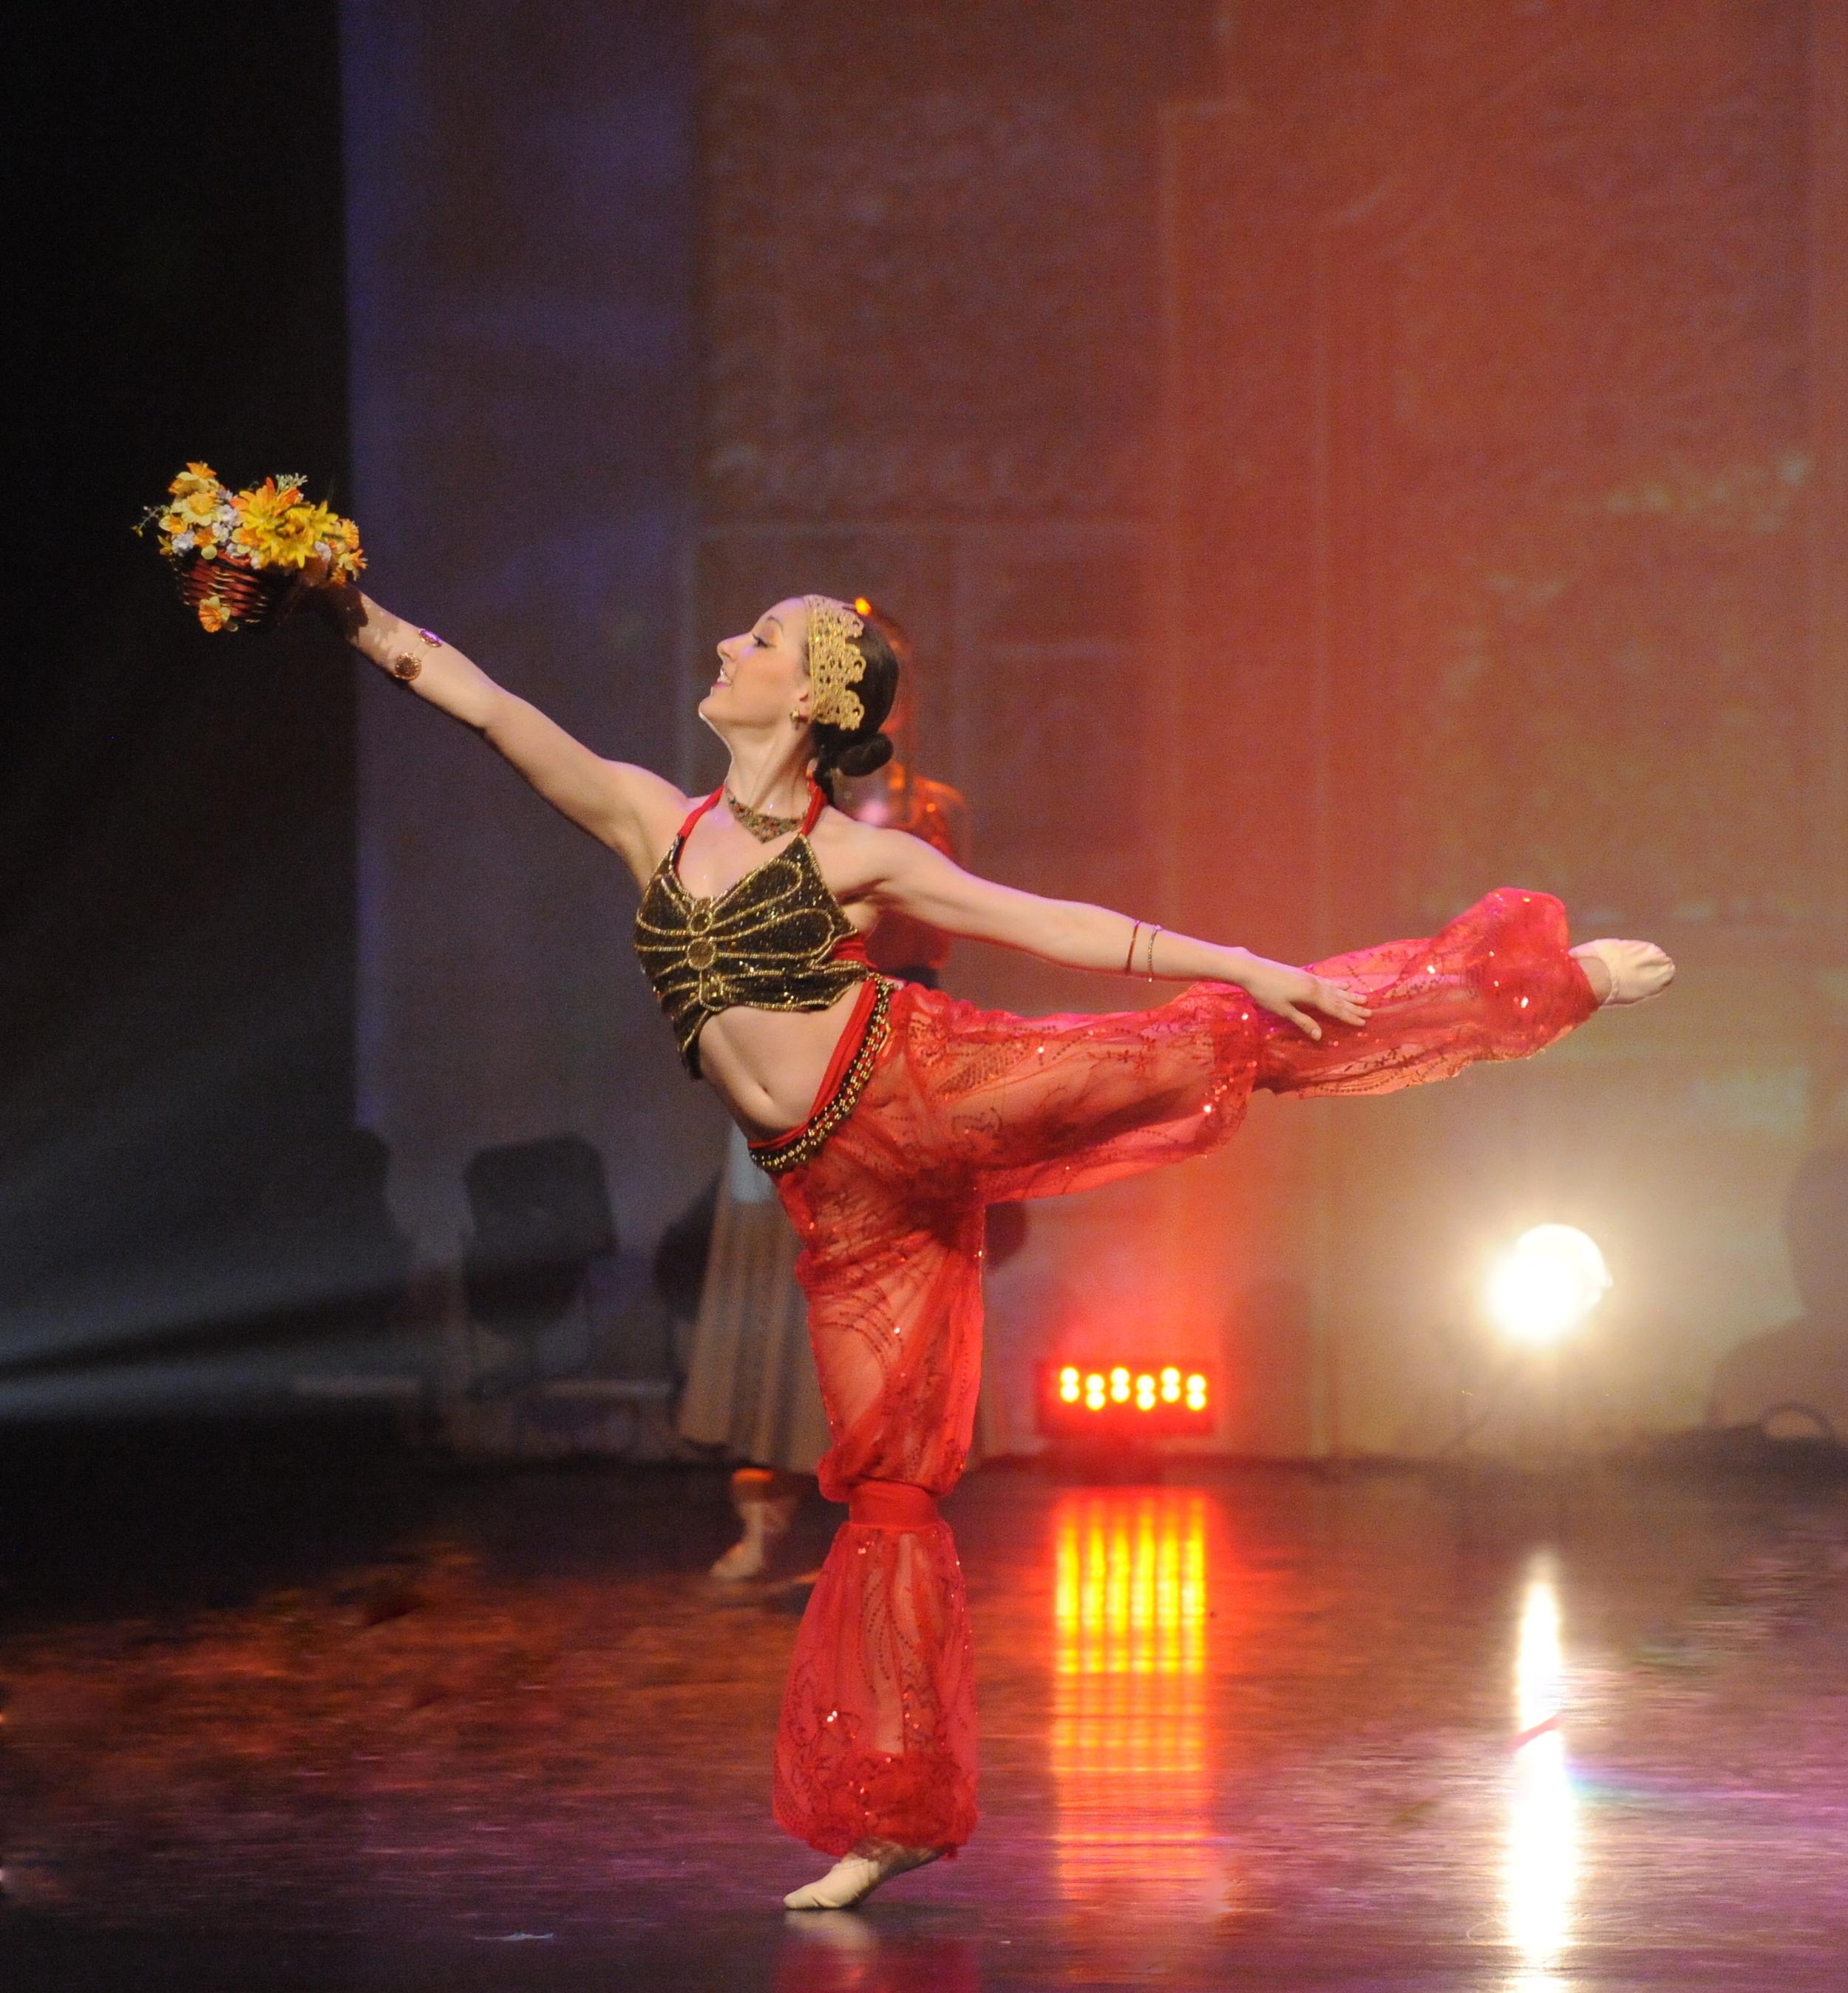 Alexina arabesque.jpg